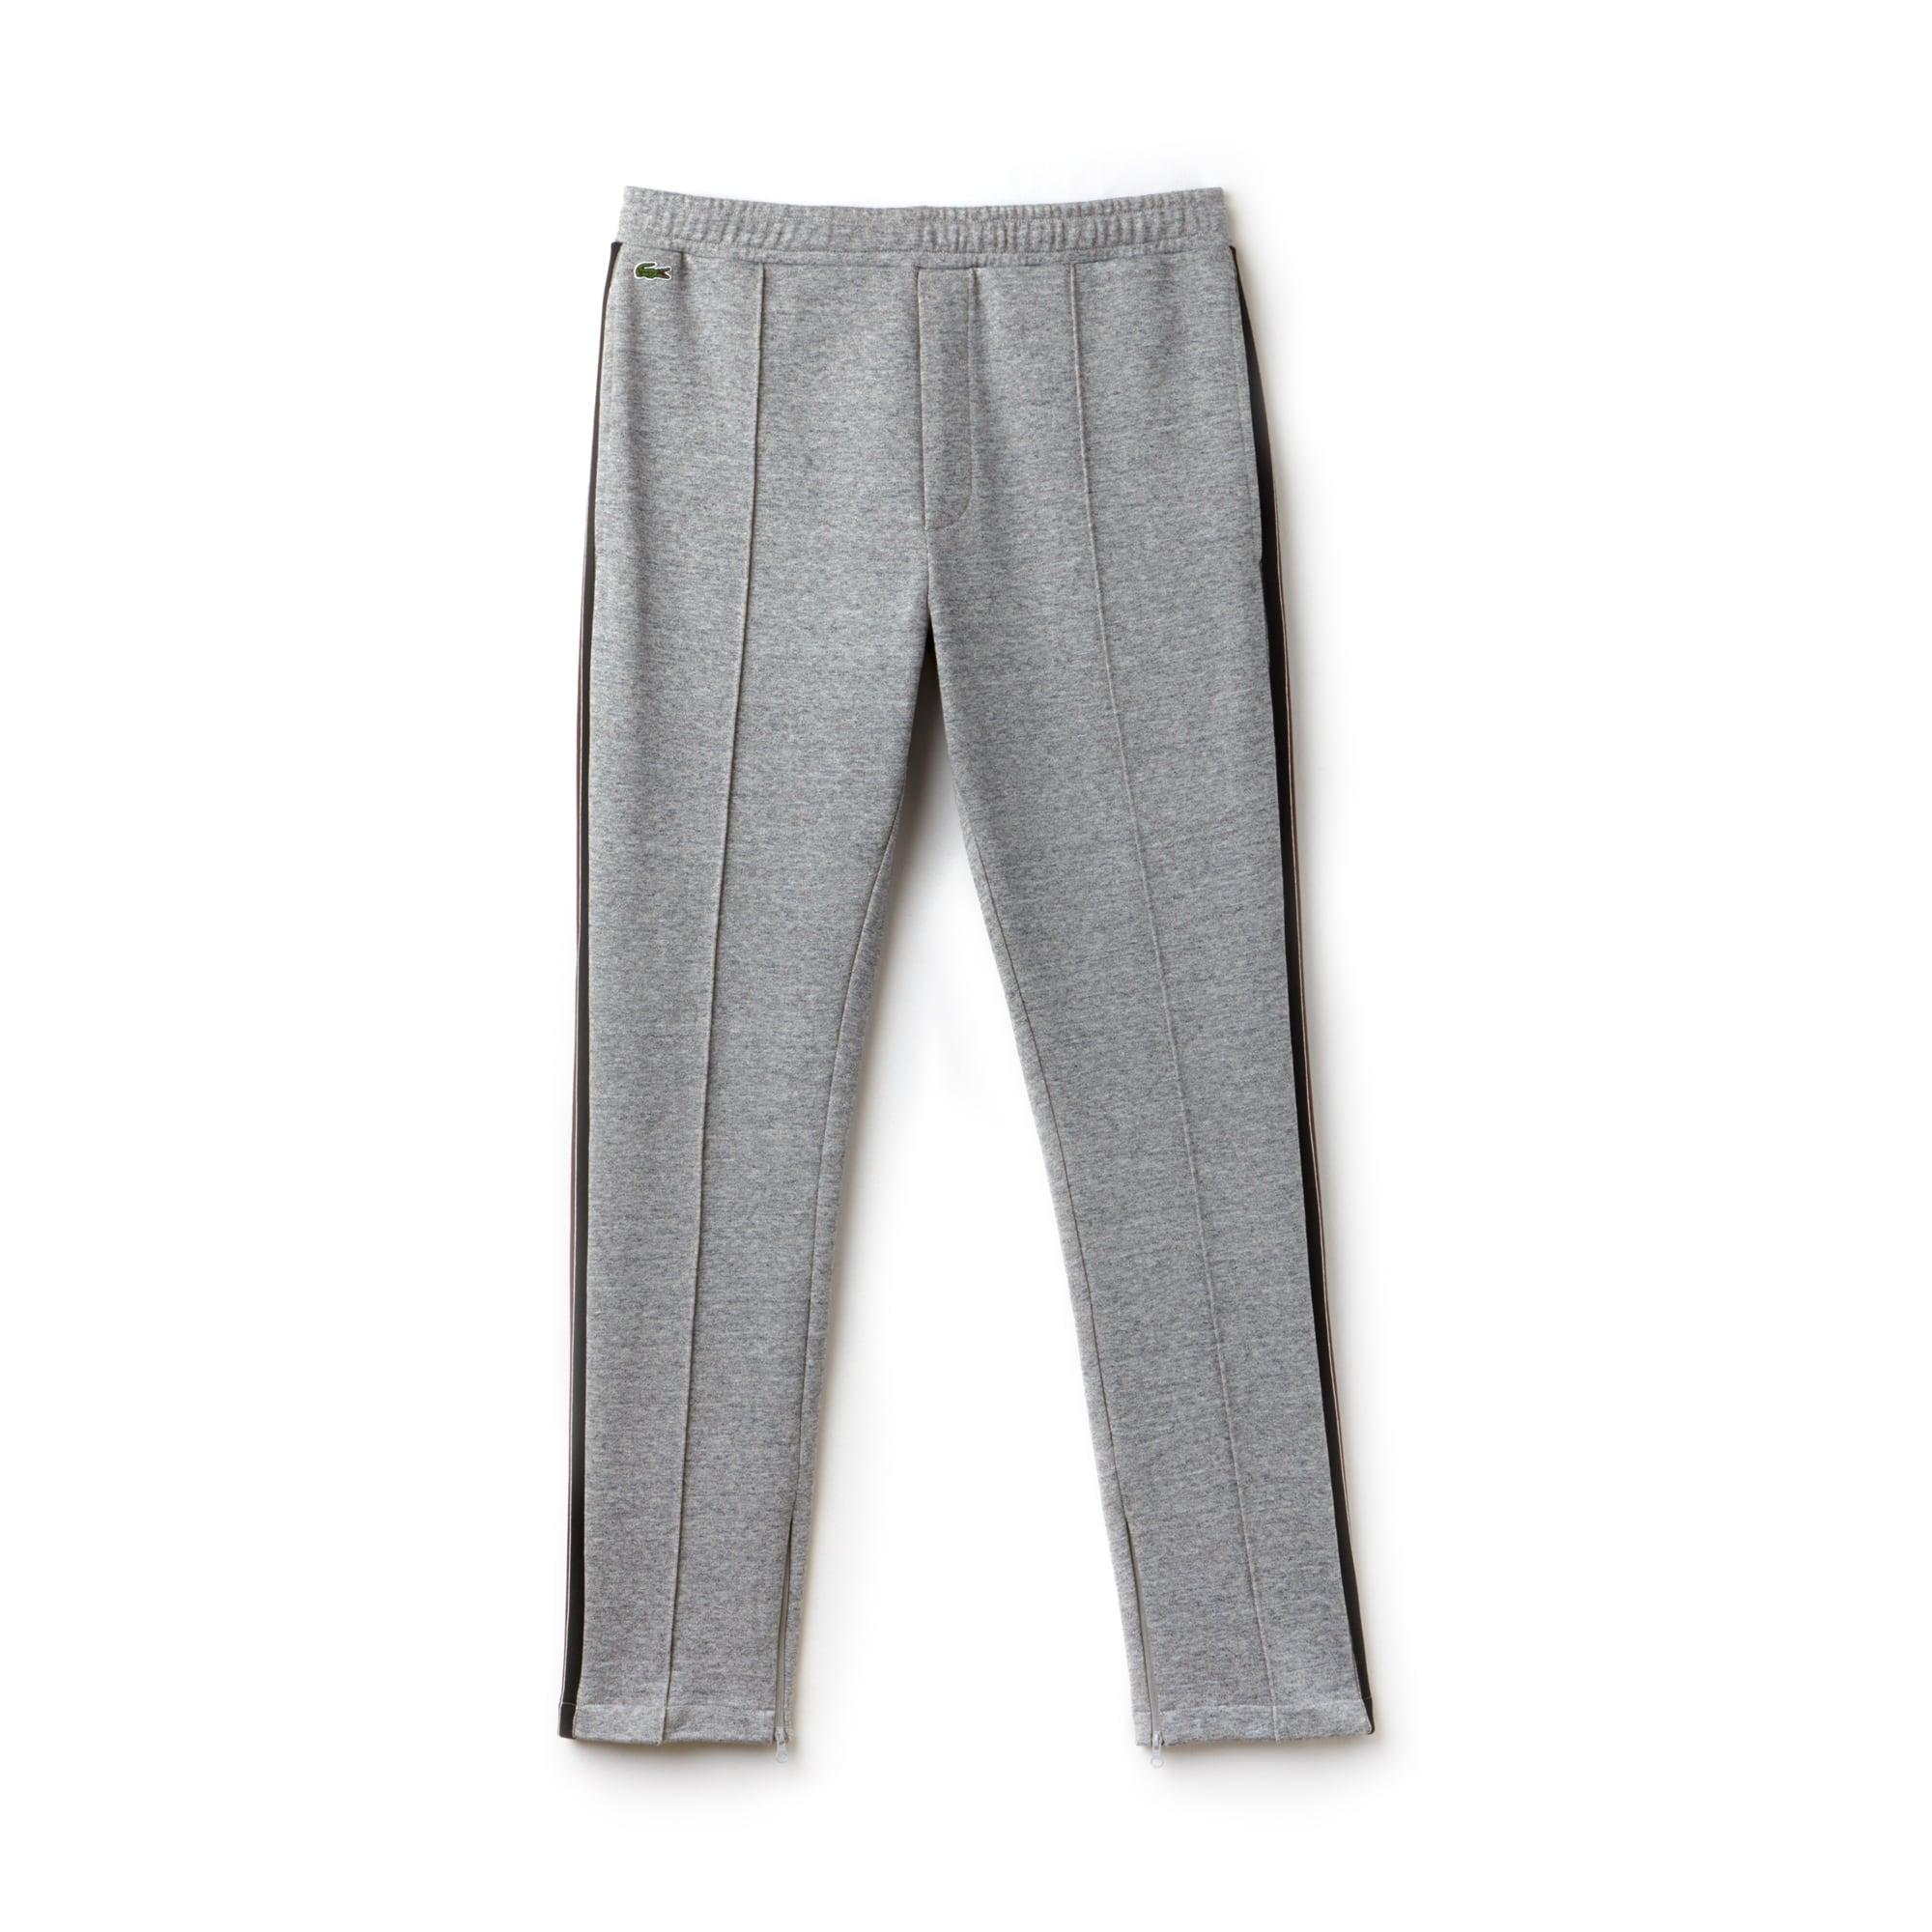 라코스테 Lacoste Mens LIVE Contrast Bands Pleated Fleece Jogging Pants,grey chine / white